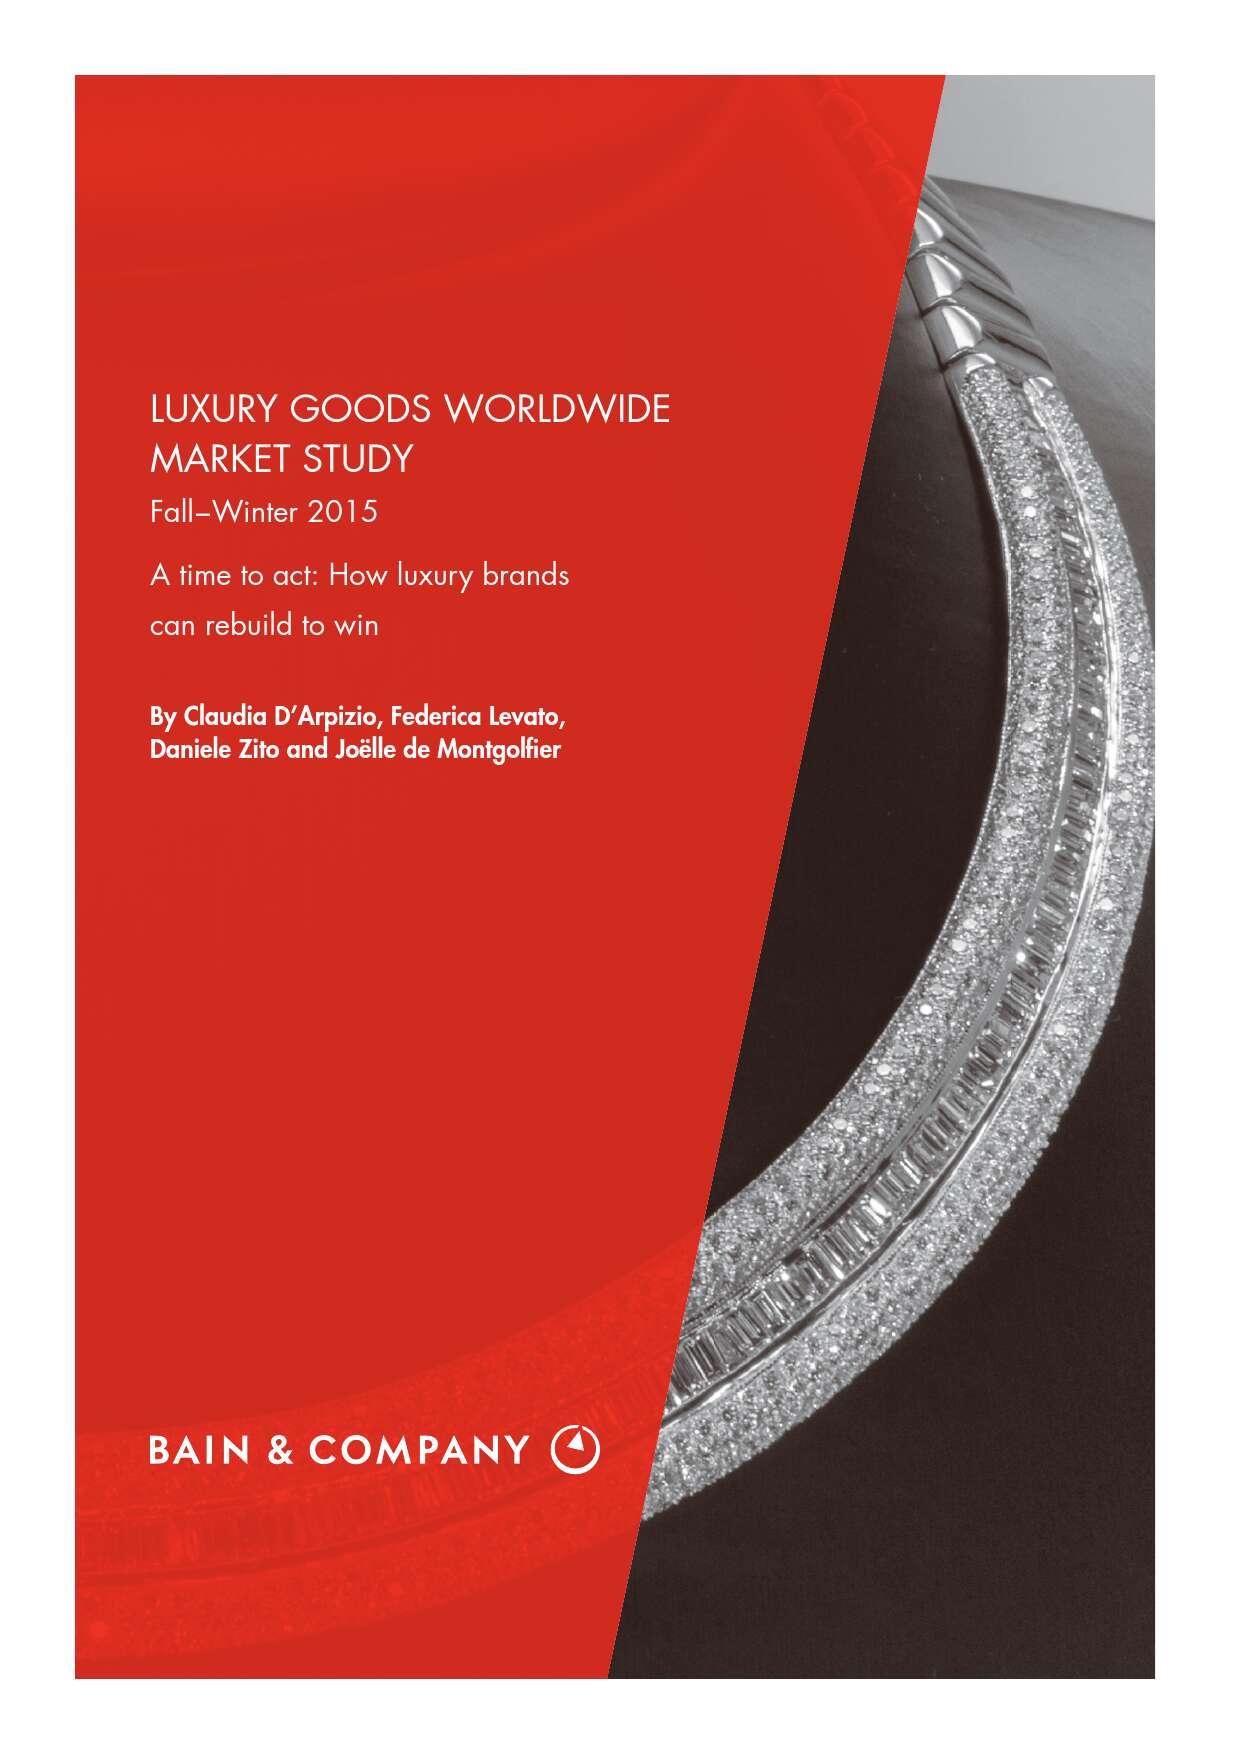 2015年全球奢侈品市场研究_000001